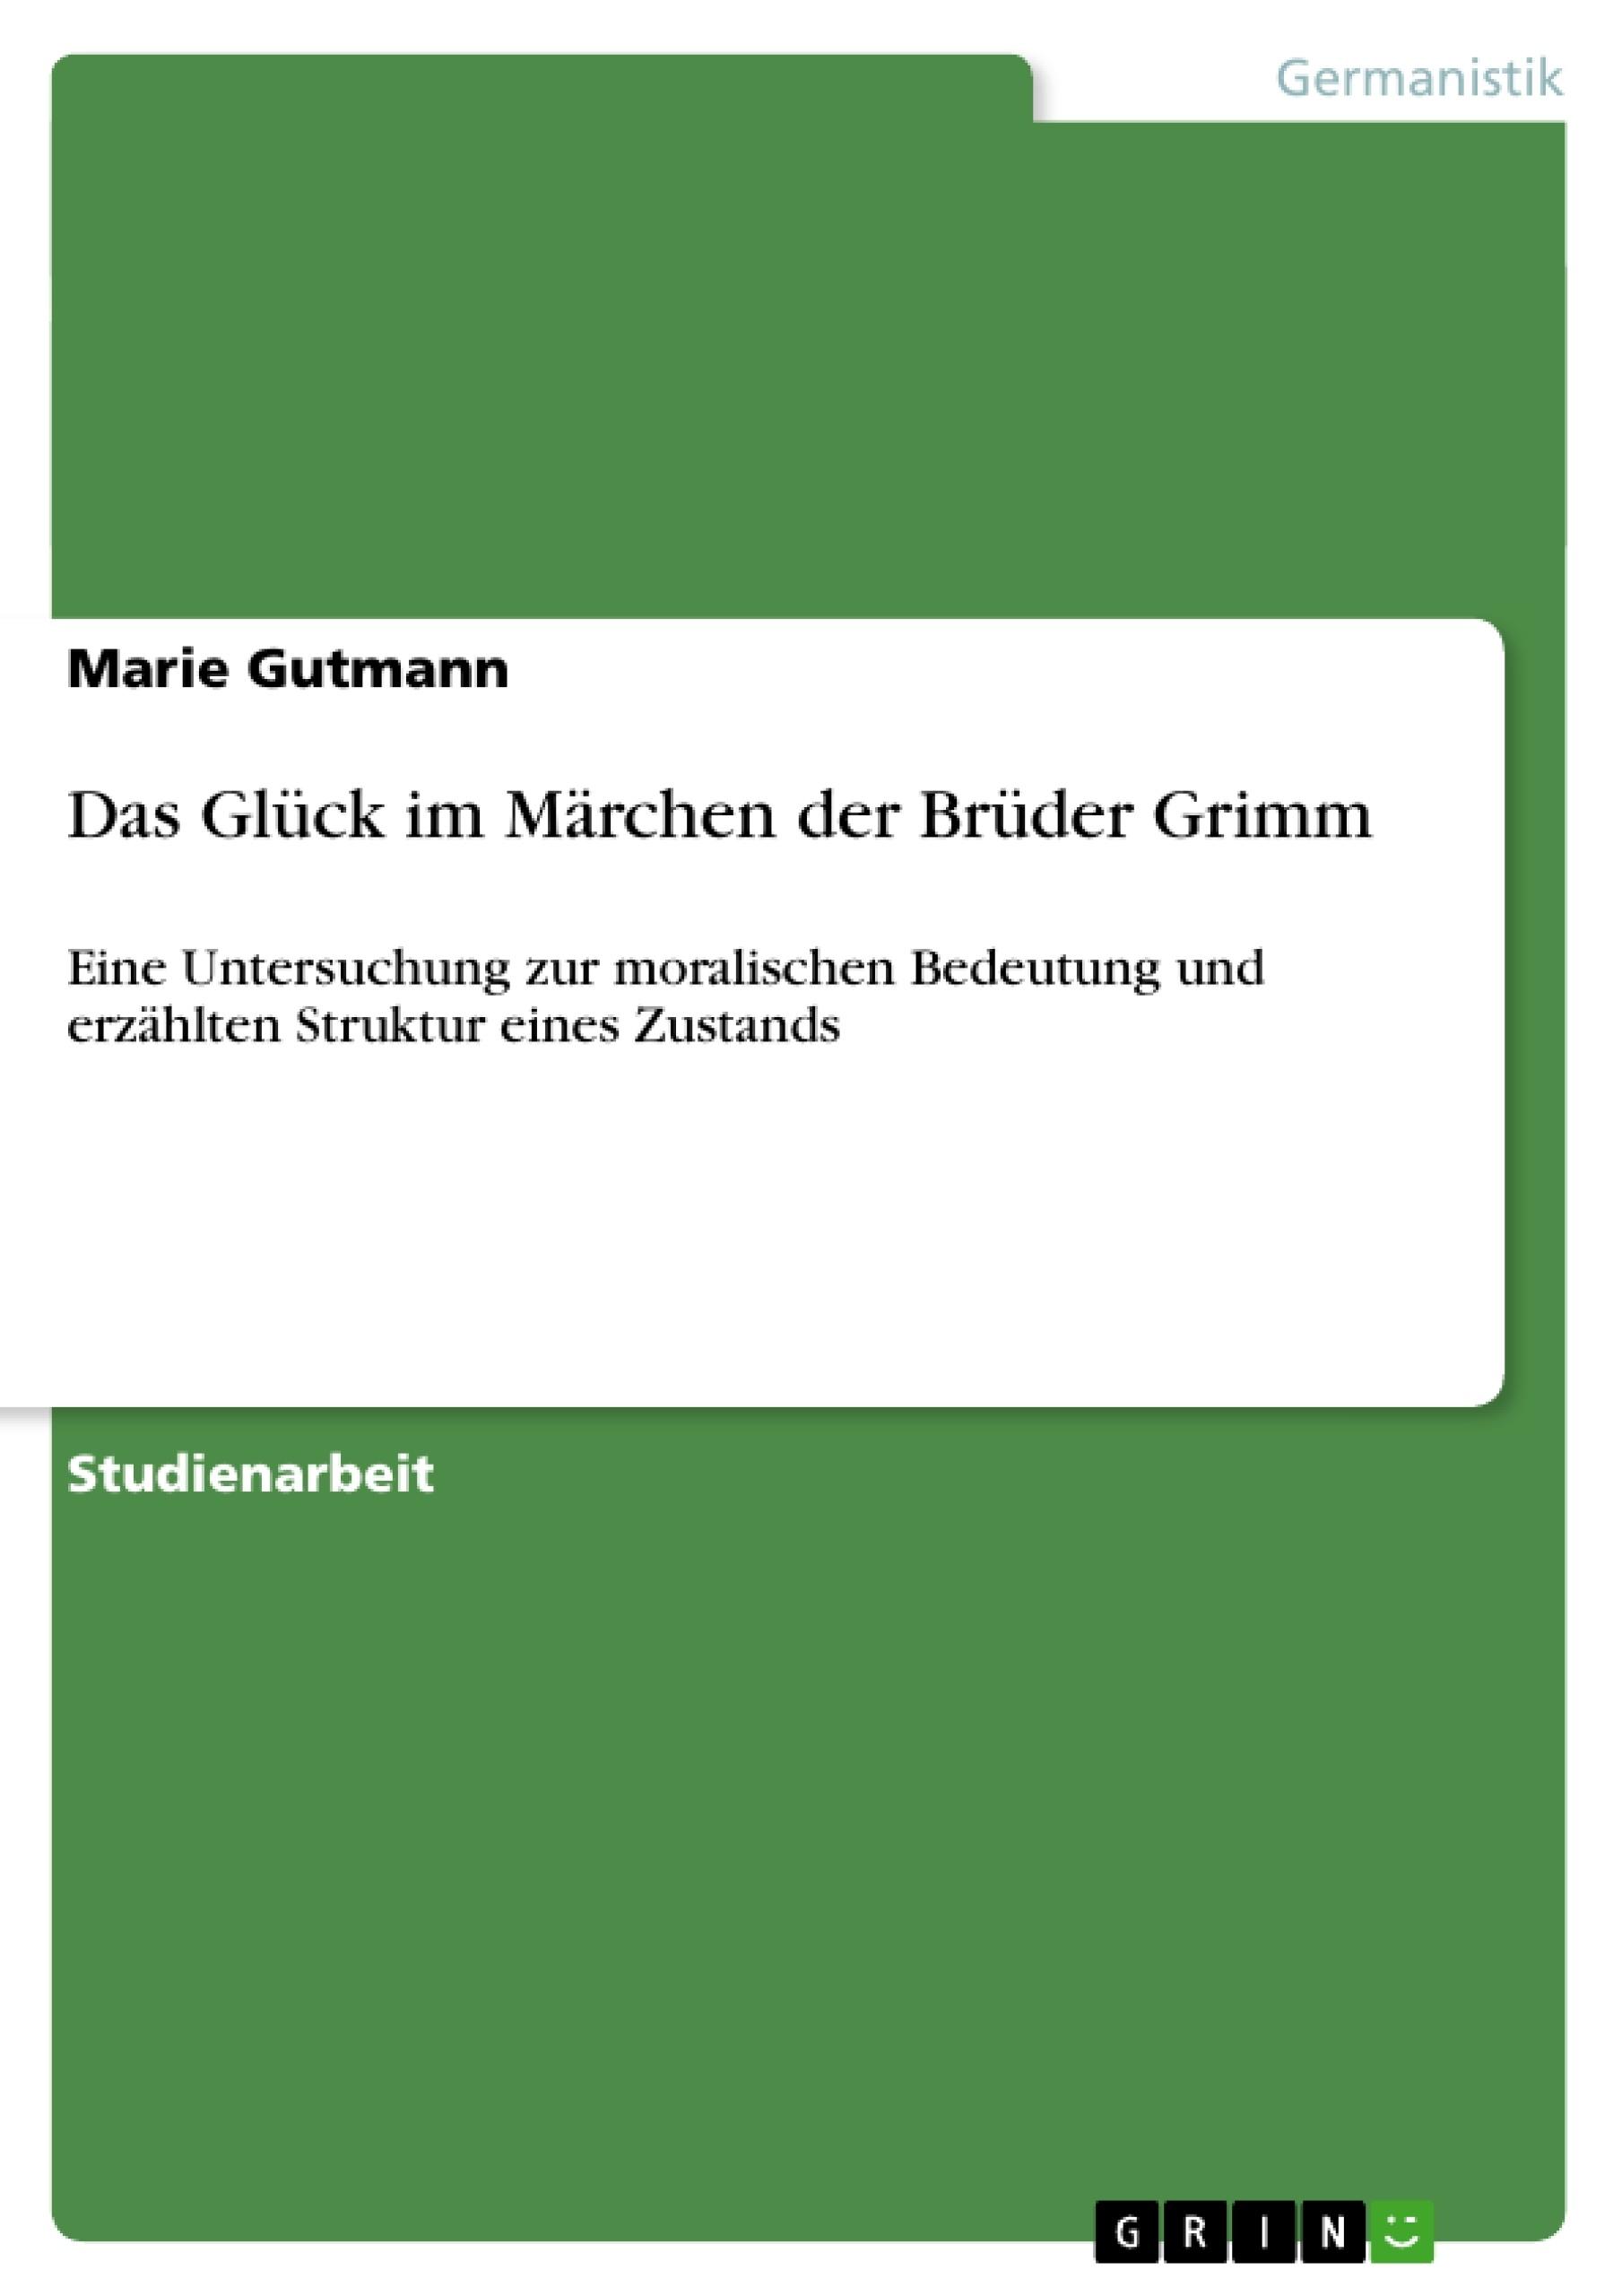 Titel: Das Glück im Märchen der Brüder Grimm